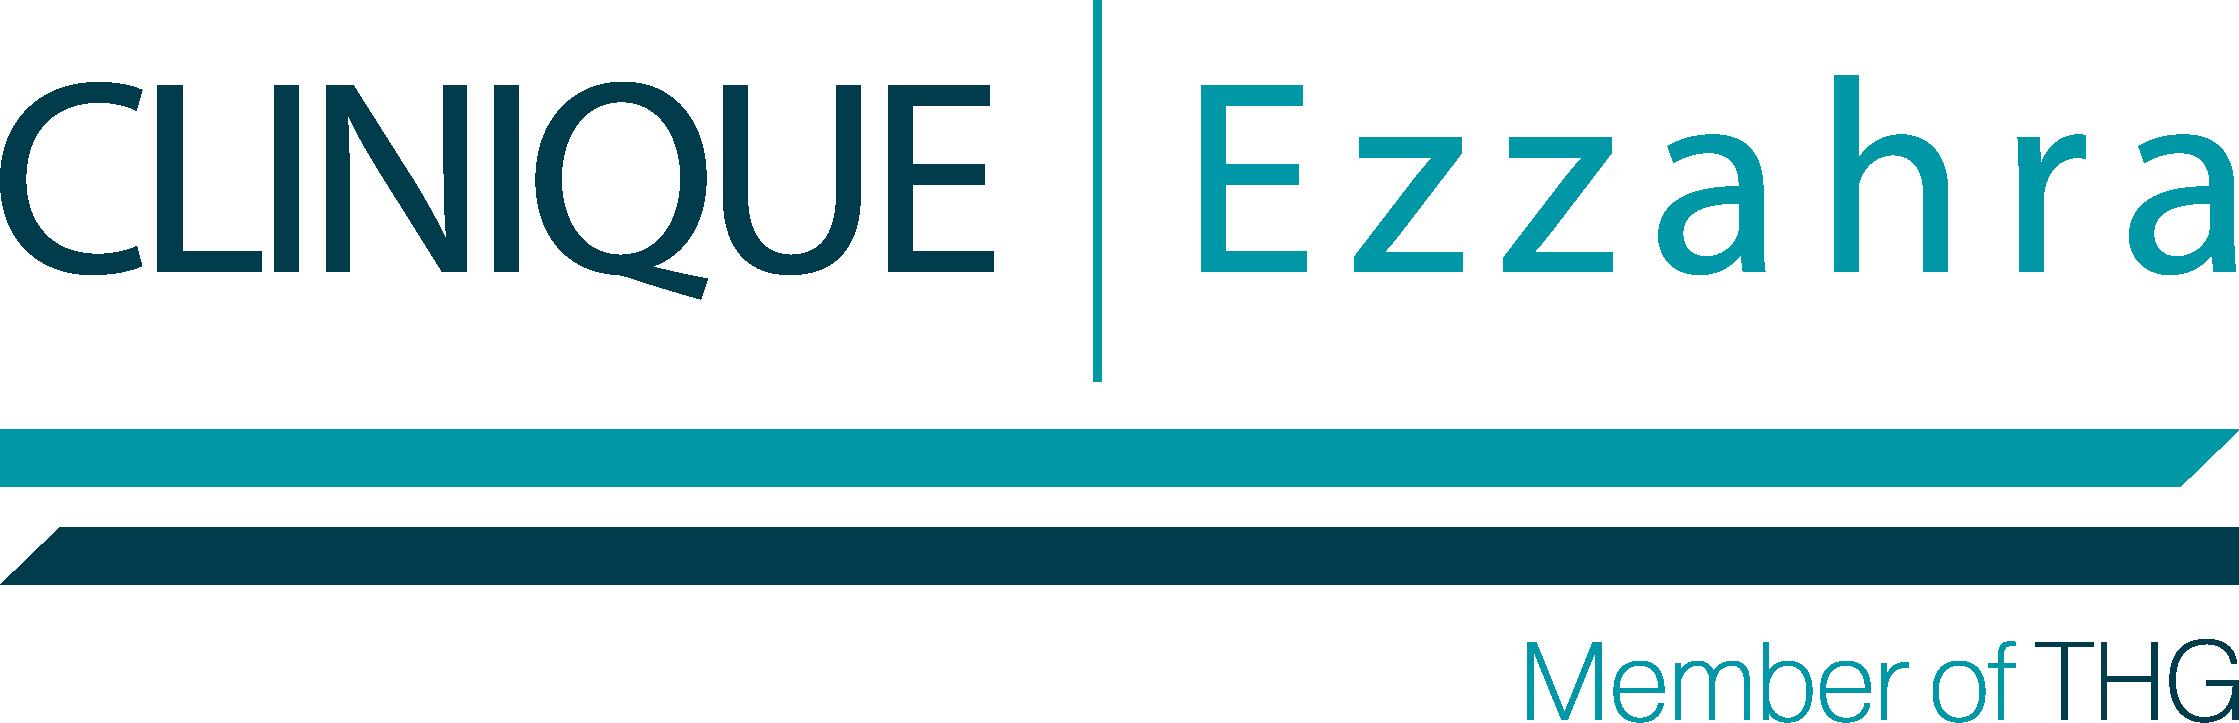 Clinique Ezzahra